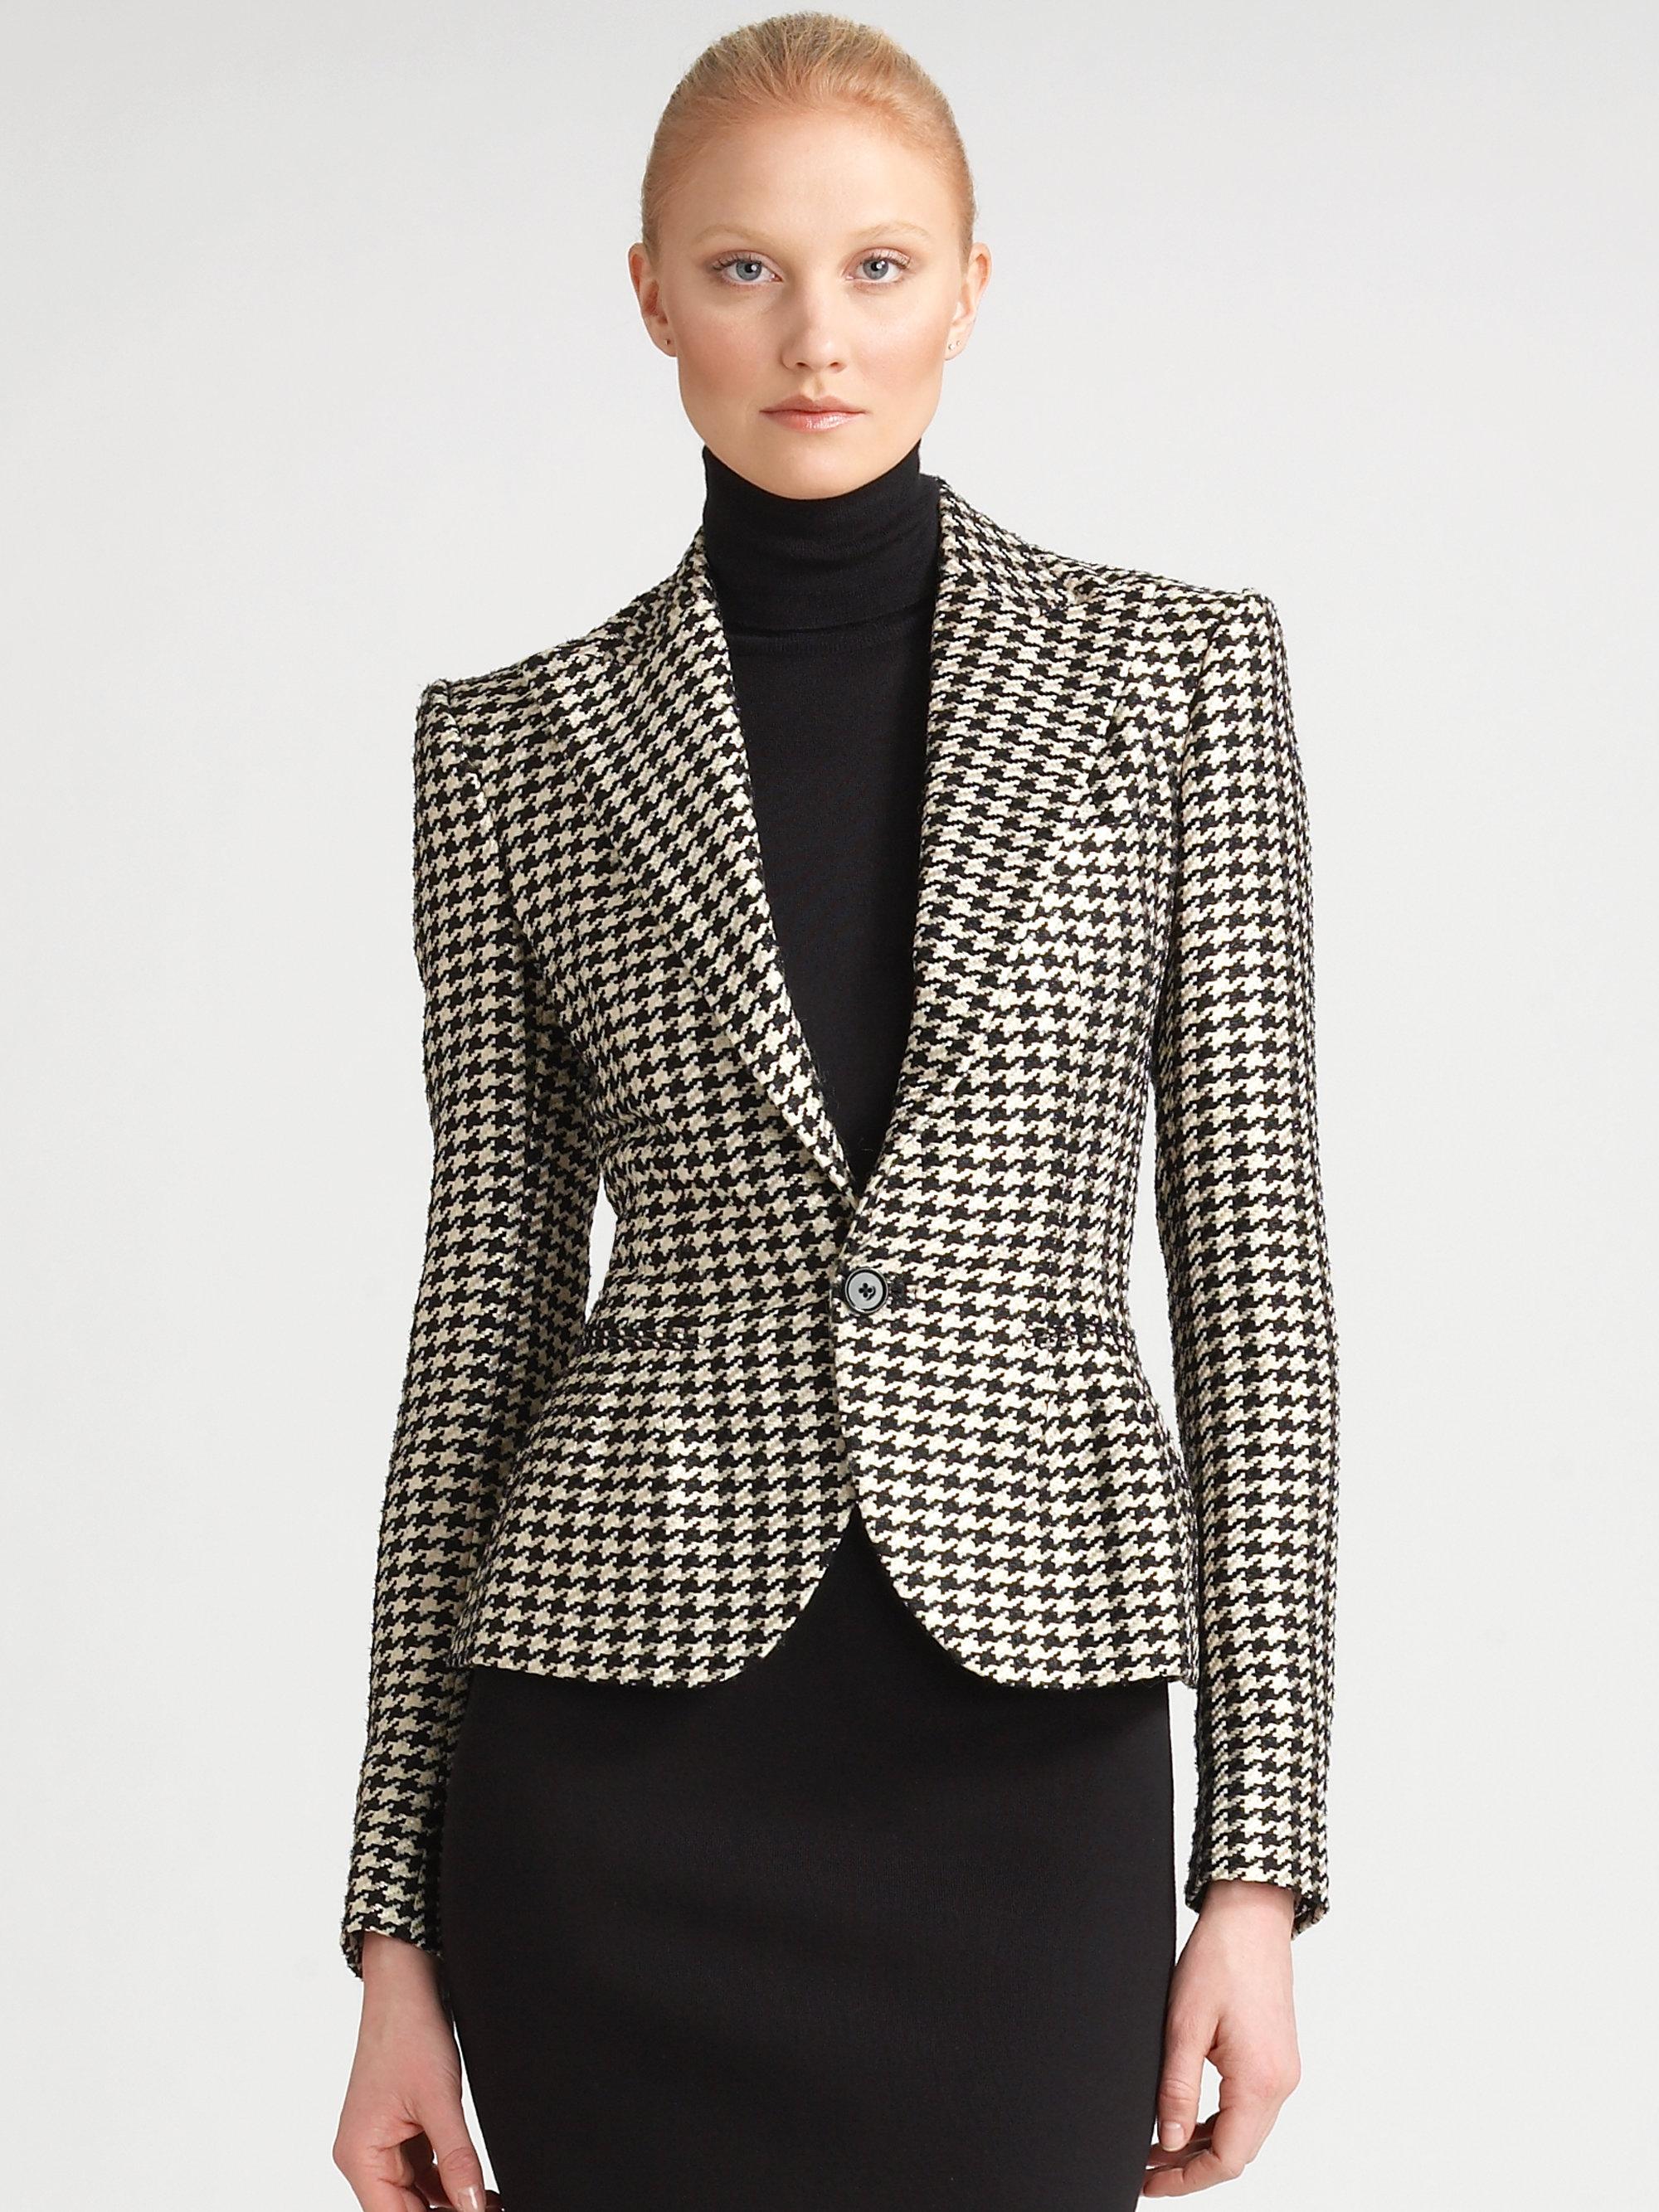 Houndstooth Jacket Women S